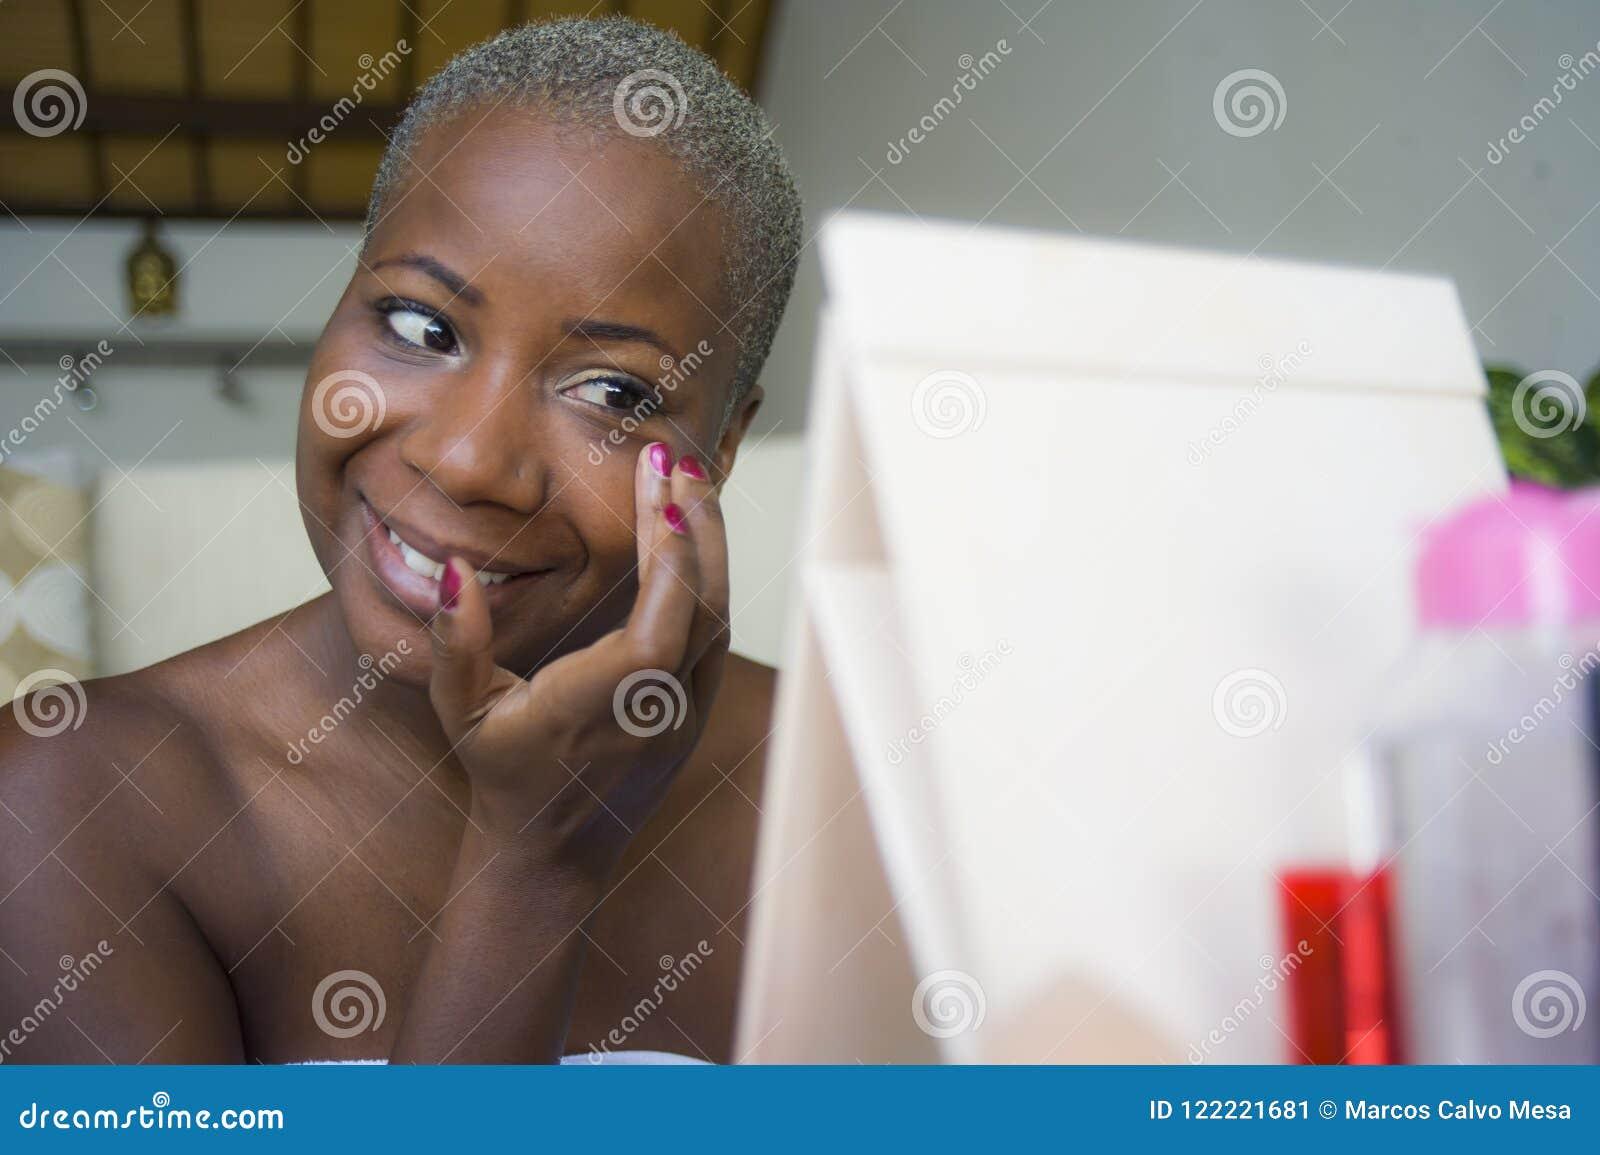 Νέα ευτυχής και ελκυστική αμερικανική γυναίκα μαύρων Αφρικανών που τυλίγεται στην πετσέτα που εφαρμόζει makeup τα καλλυντικά που